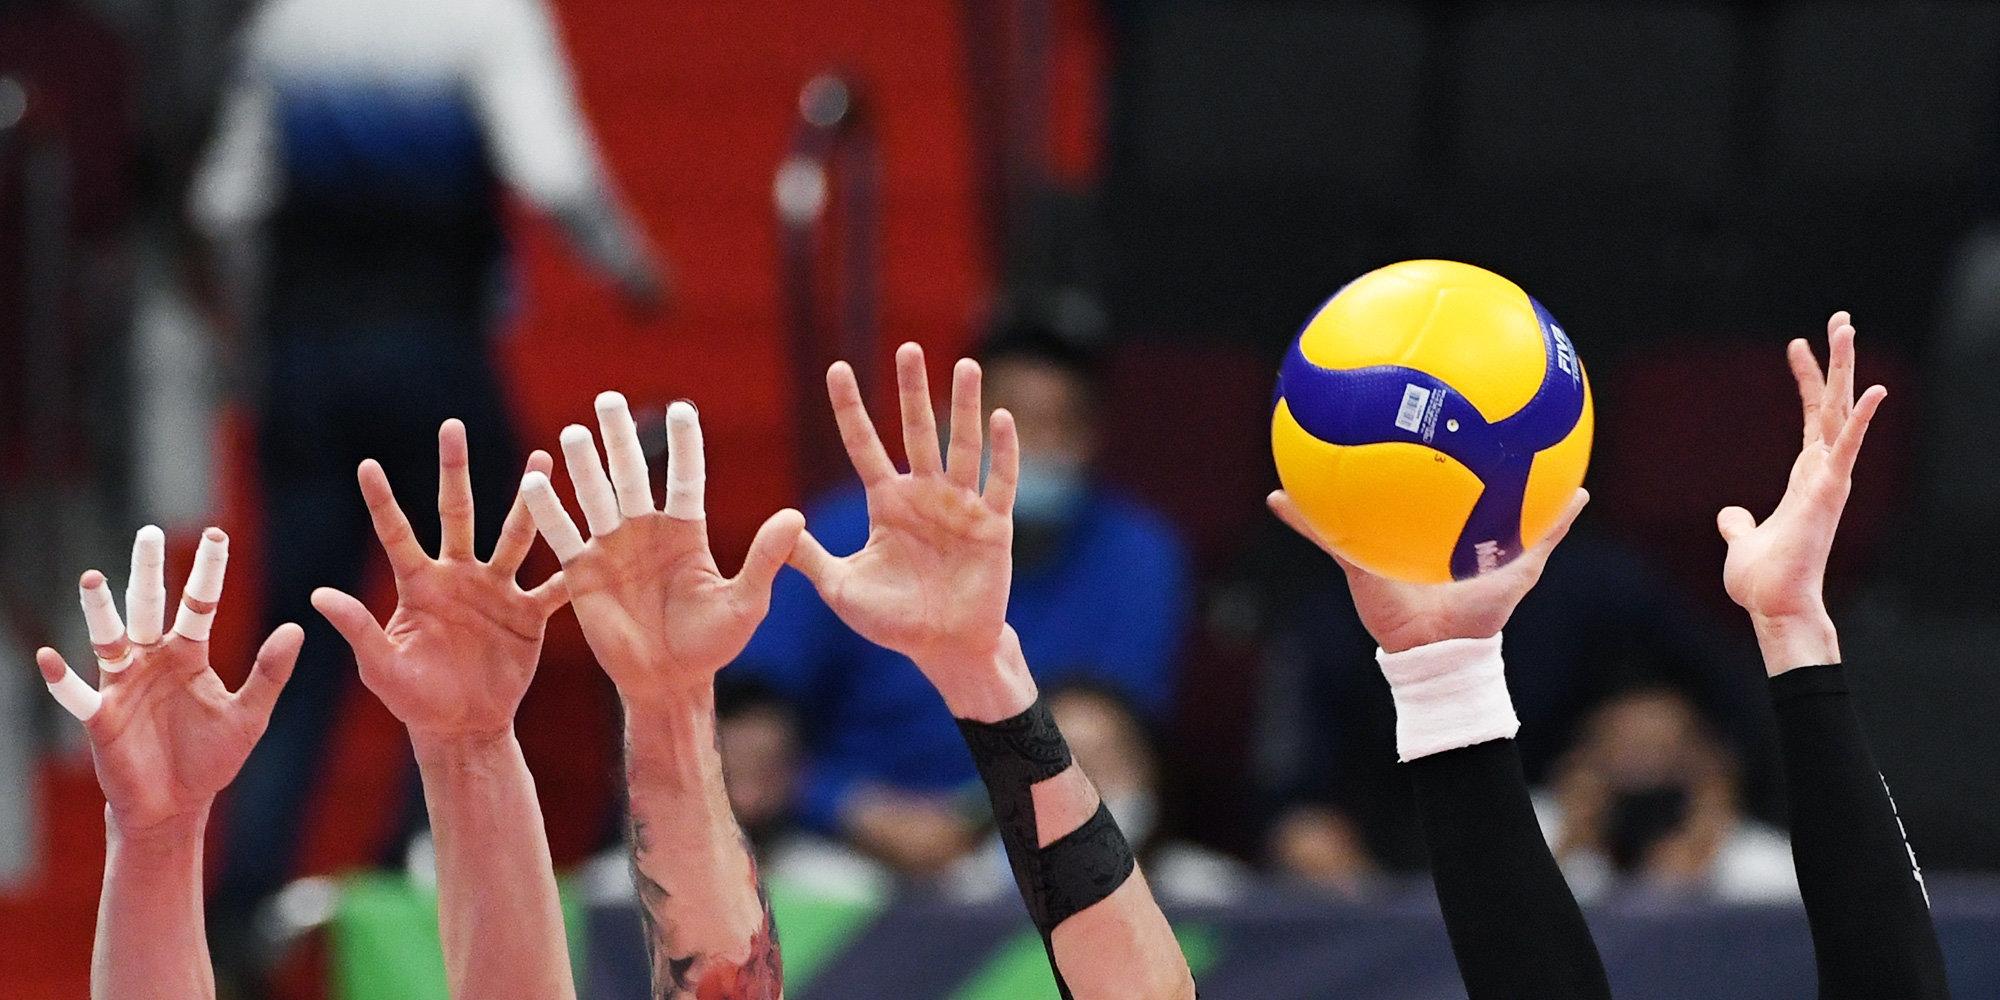 Молодежная сборная России по волейболу на тай-брейке обыграла Бразилию на ЧМ